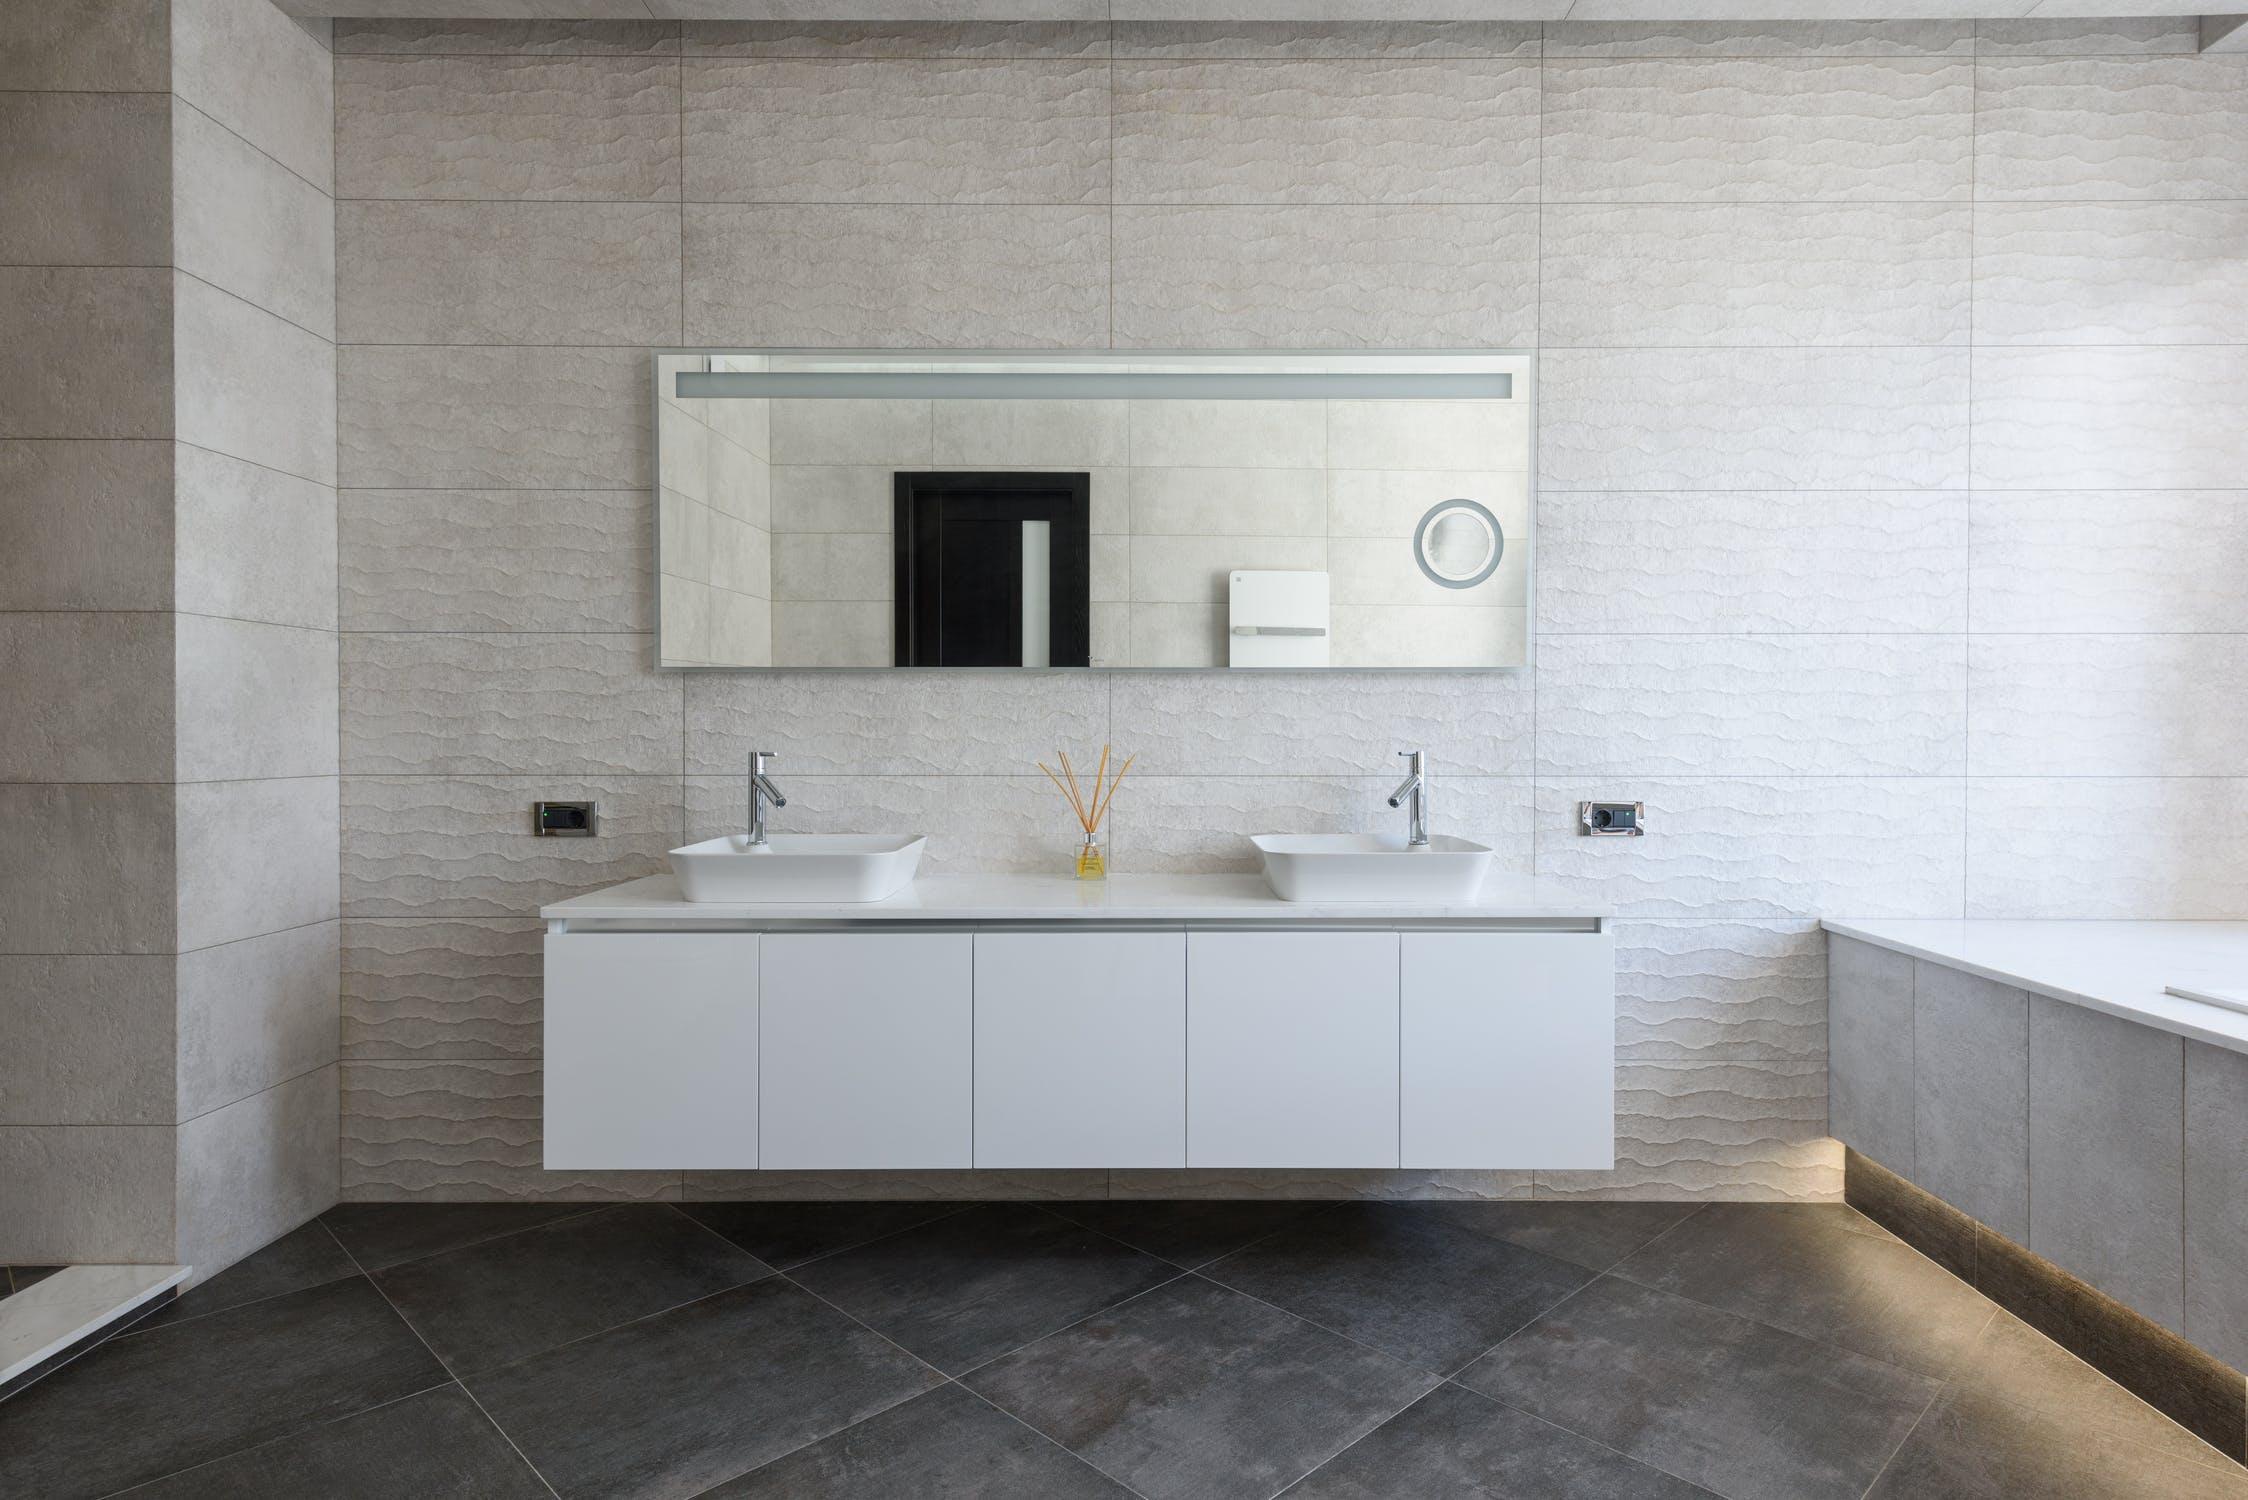 Badkamer: let op het voegwerk #voegen #tegels #voegwerk  #badkamer